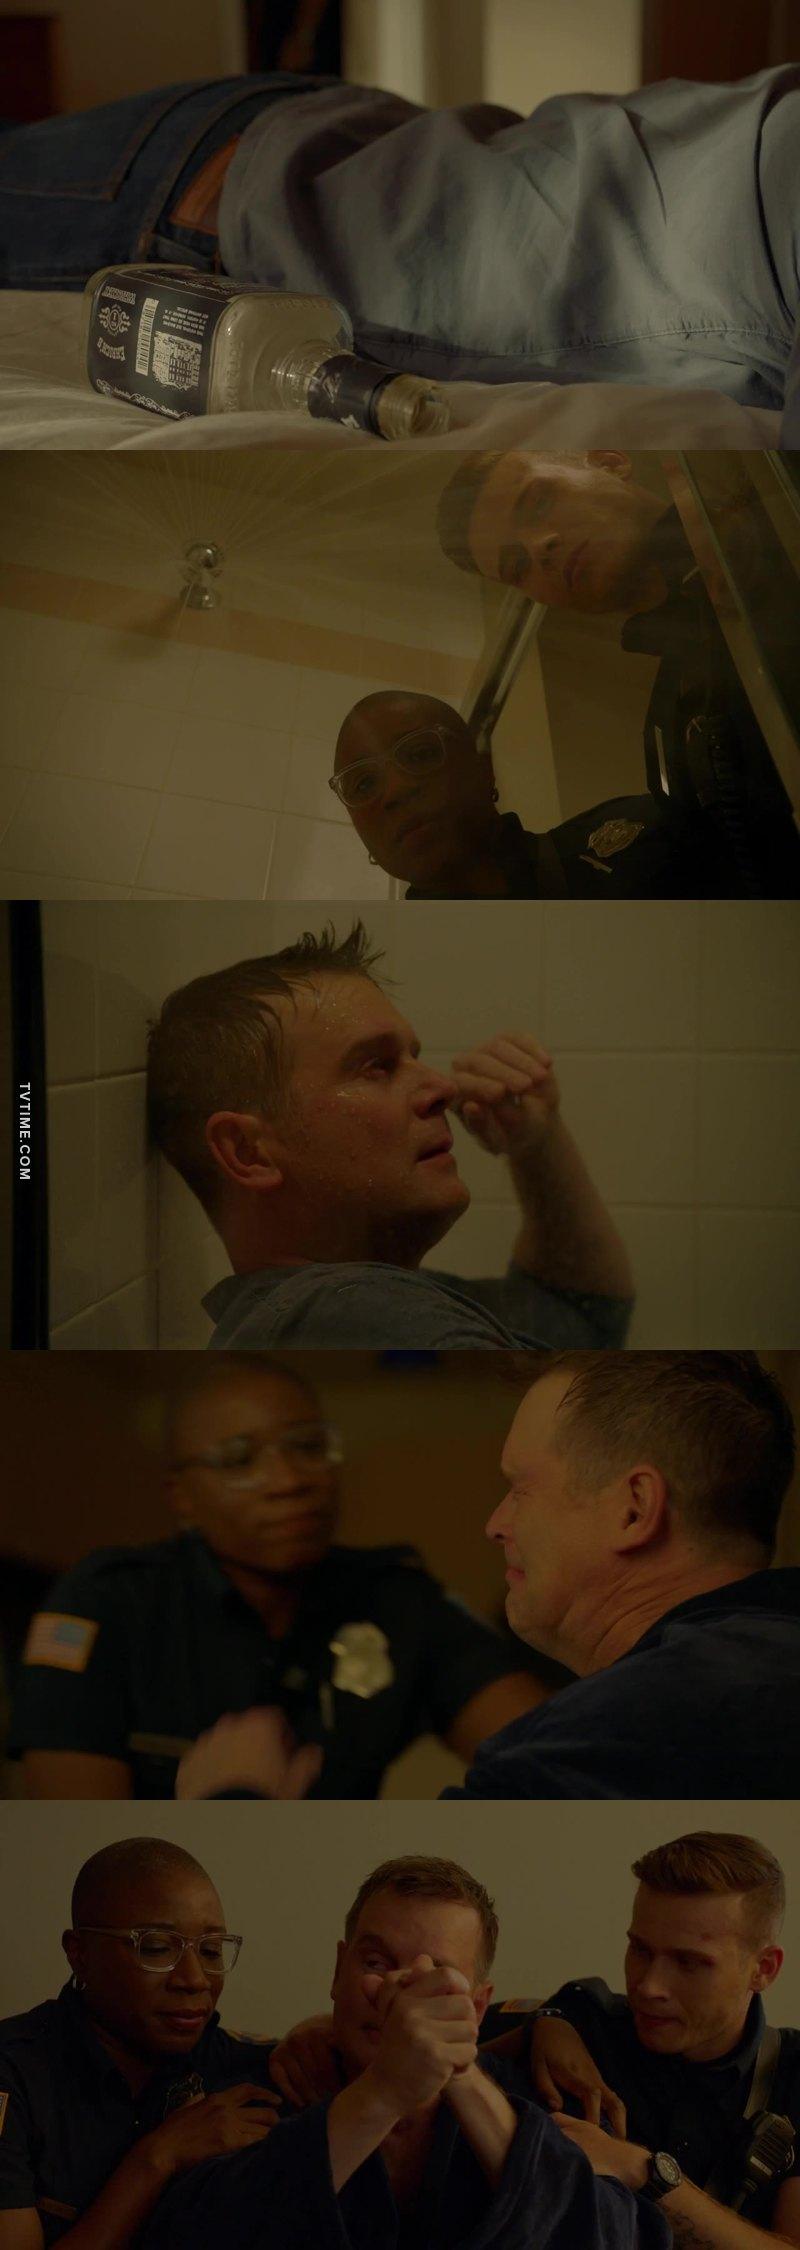 Je veux connaître l'histoire de Bobby!!!! Il m'a tellement touché dans cette scène! Cette épisode c'était un truc de dingue!!